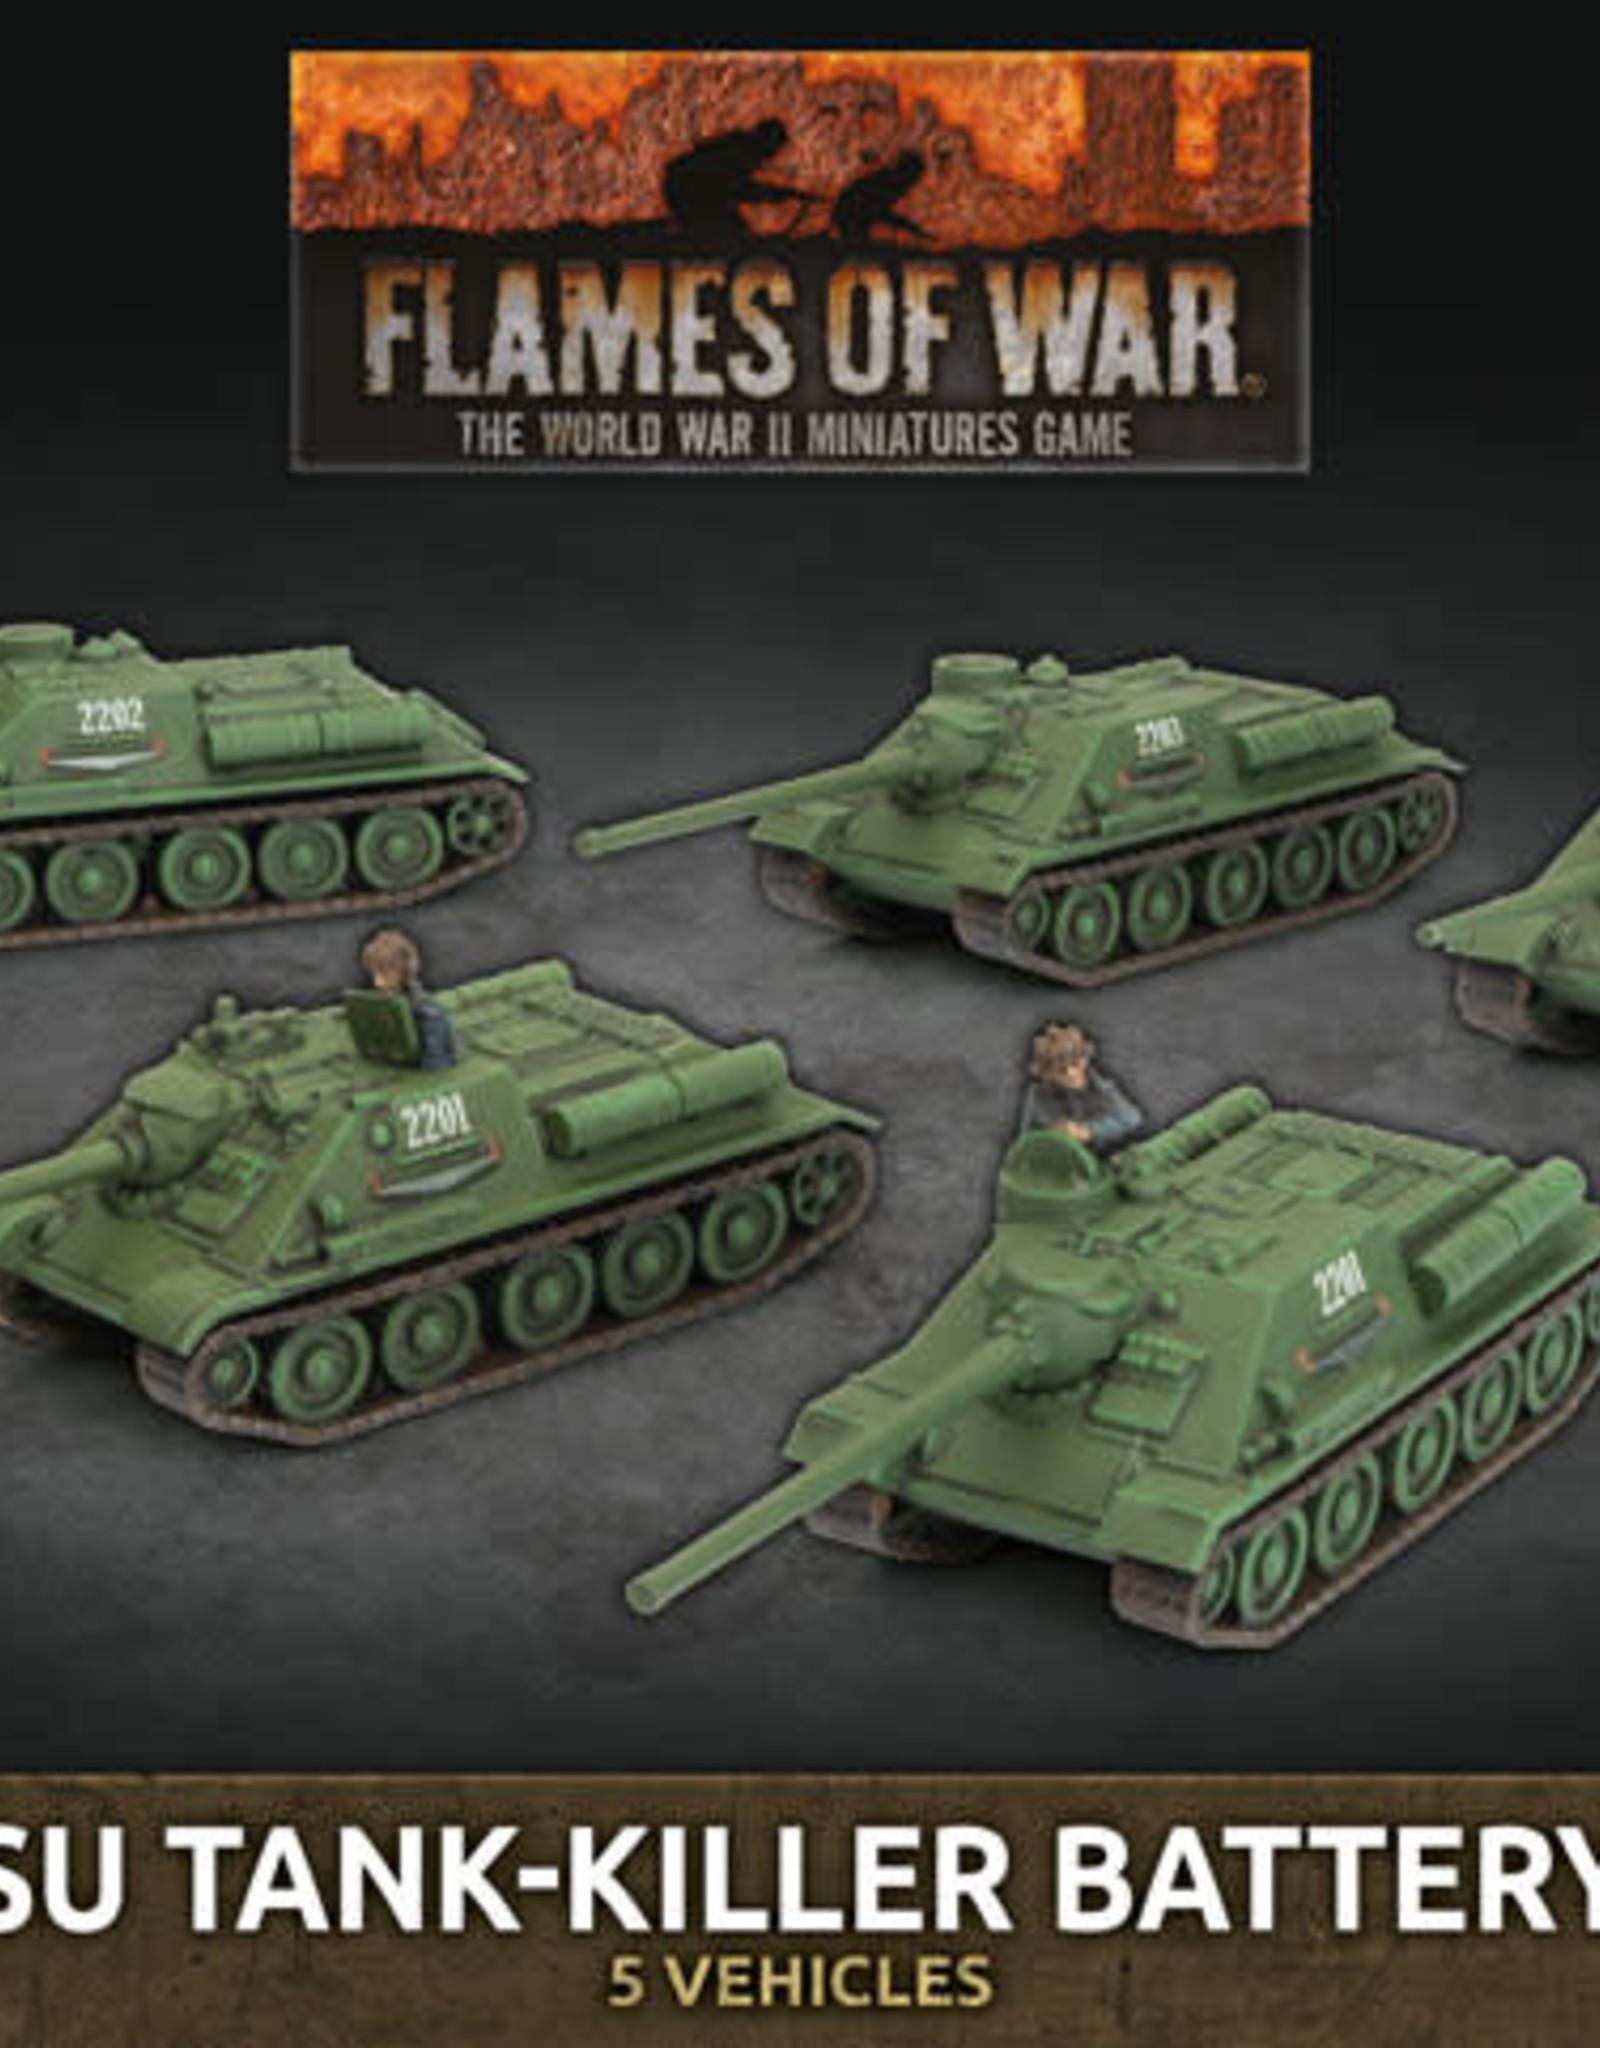 Battlefront Miniatures Flames of War: SU Tank-Killer Battery